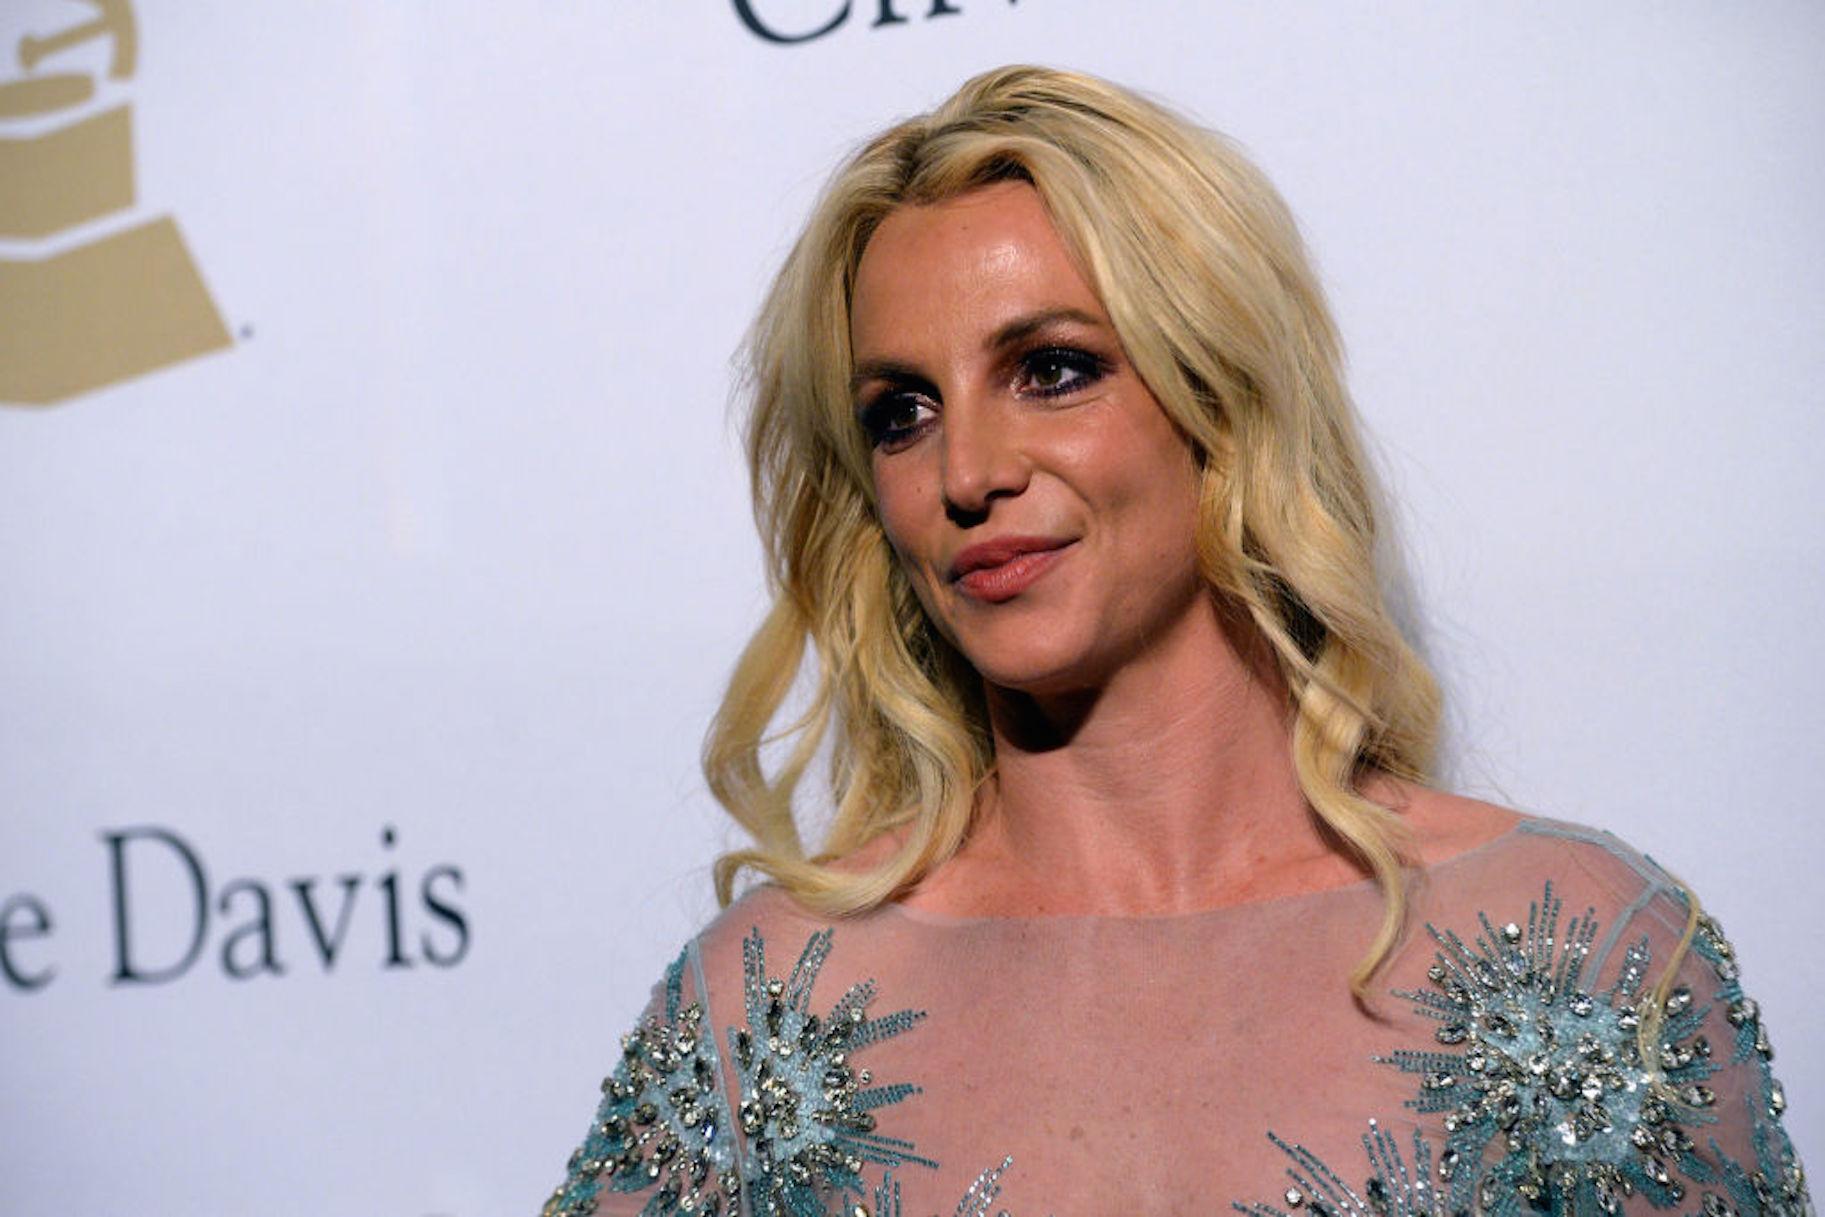 Odvjetnica Britney Spears podnosi molbu za uklanjanje Jamieja Spearsa kao njezinog osobnog razgovora